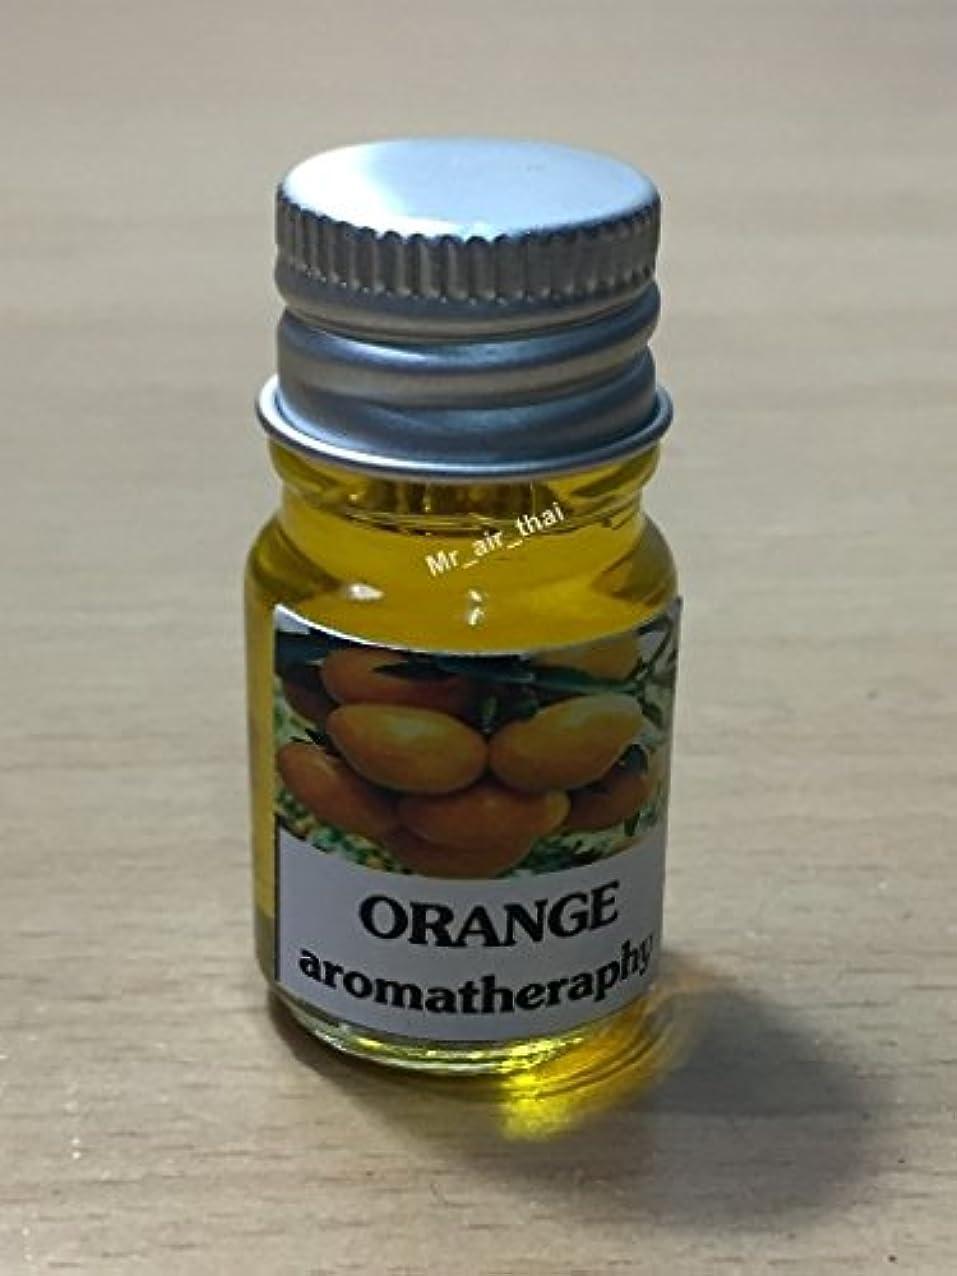 神社ご飯分類する5ミリリットルアロマオレンジフランクインセンスエッセンシャルオイルボトルアロマテラピーオイル自然自然5ml Aroma Orange Frankincense Essential Oil Bottles Aromatherapy...